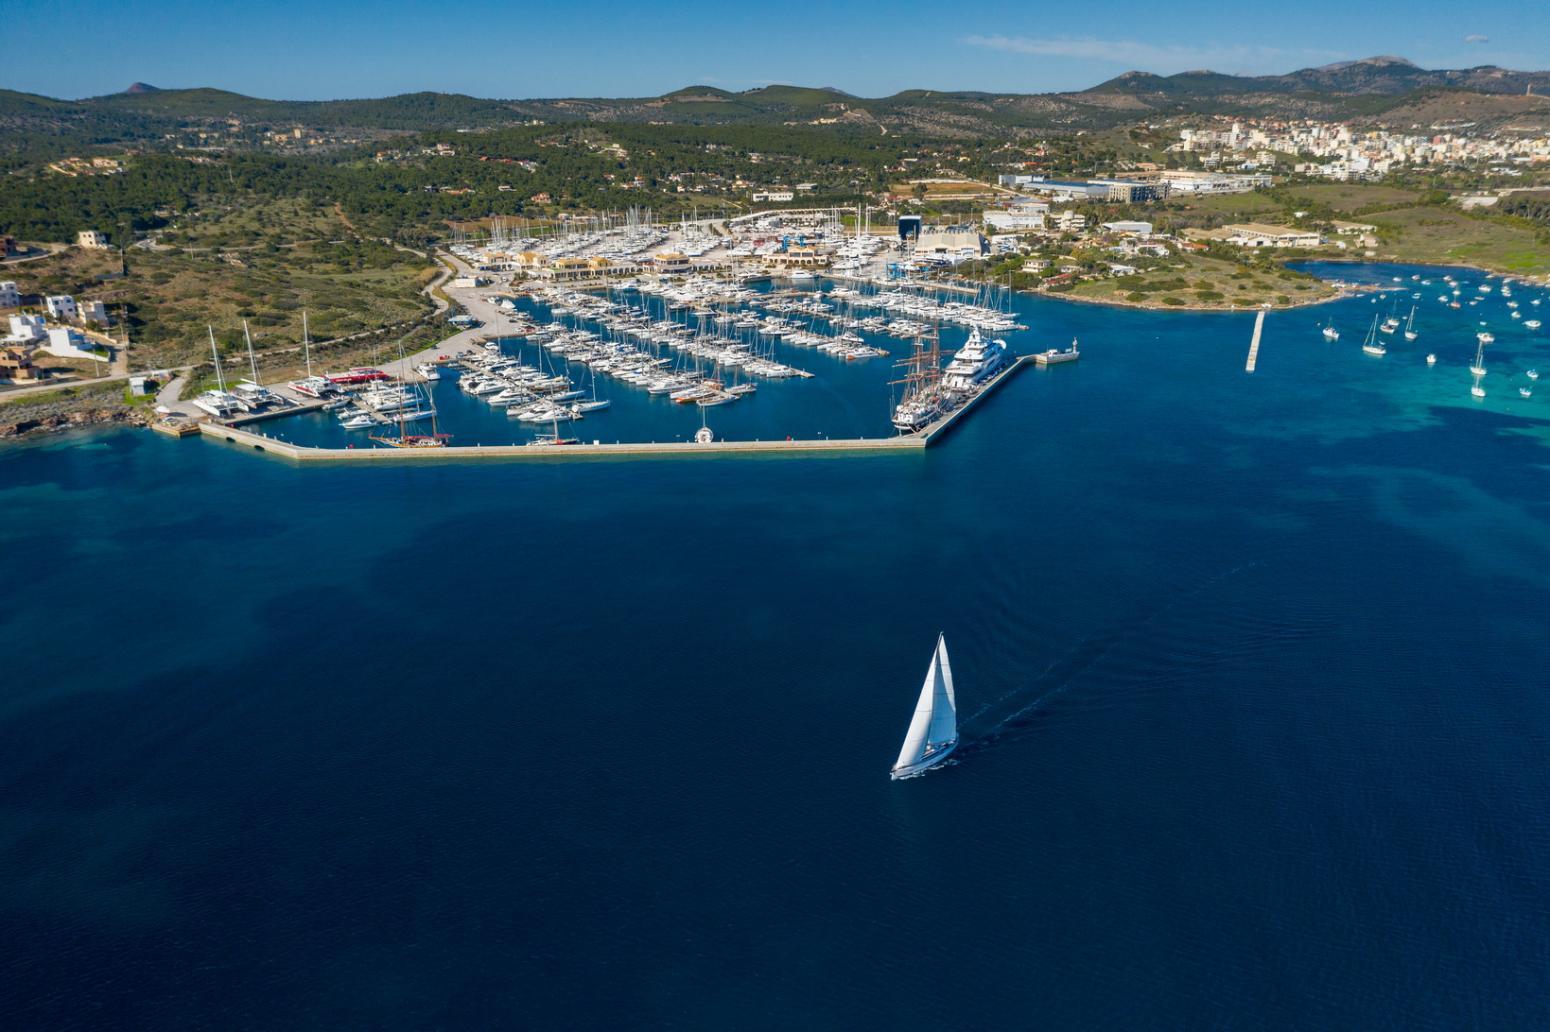 Η συμβολή του Olympic Yacht Show στον τουρισμό